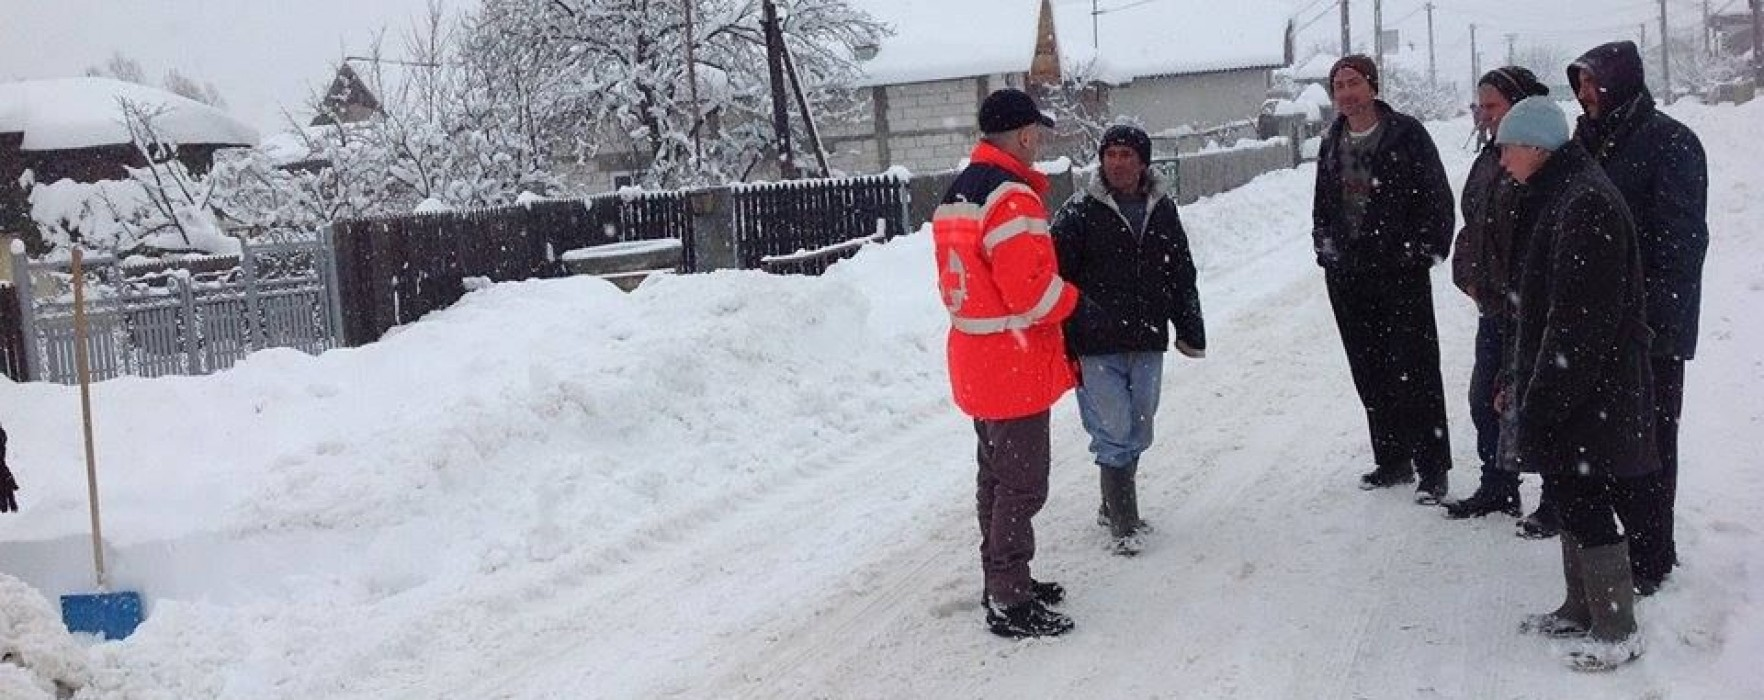 Dâmboviţa: Se circulă în condiţii de iarnă, niciun drum blocat